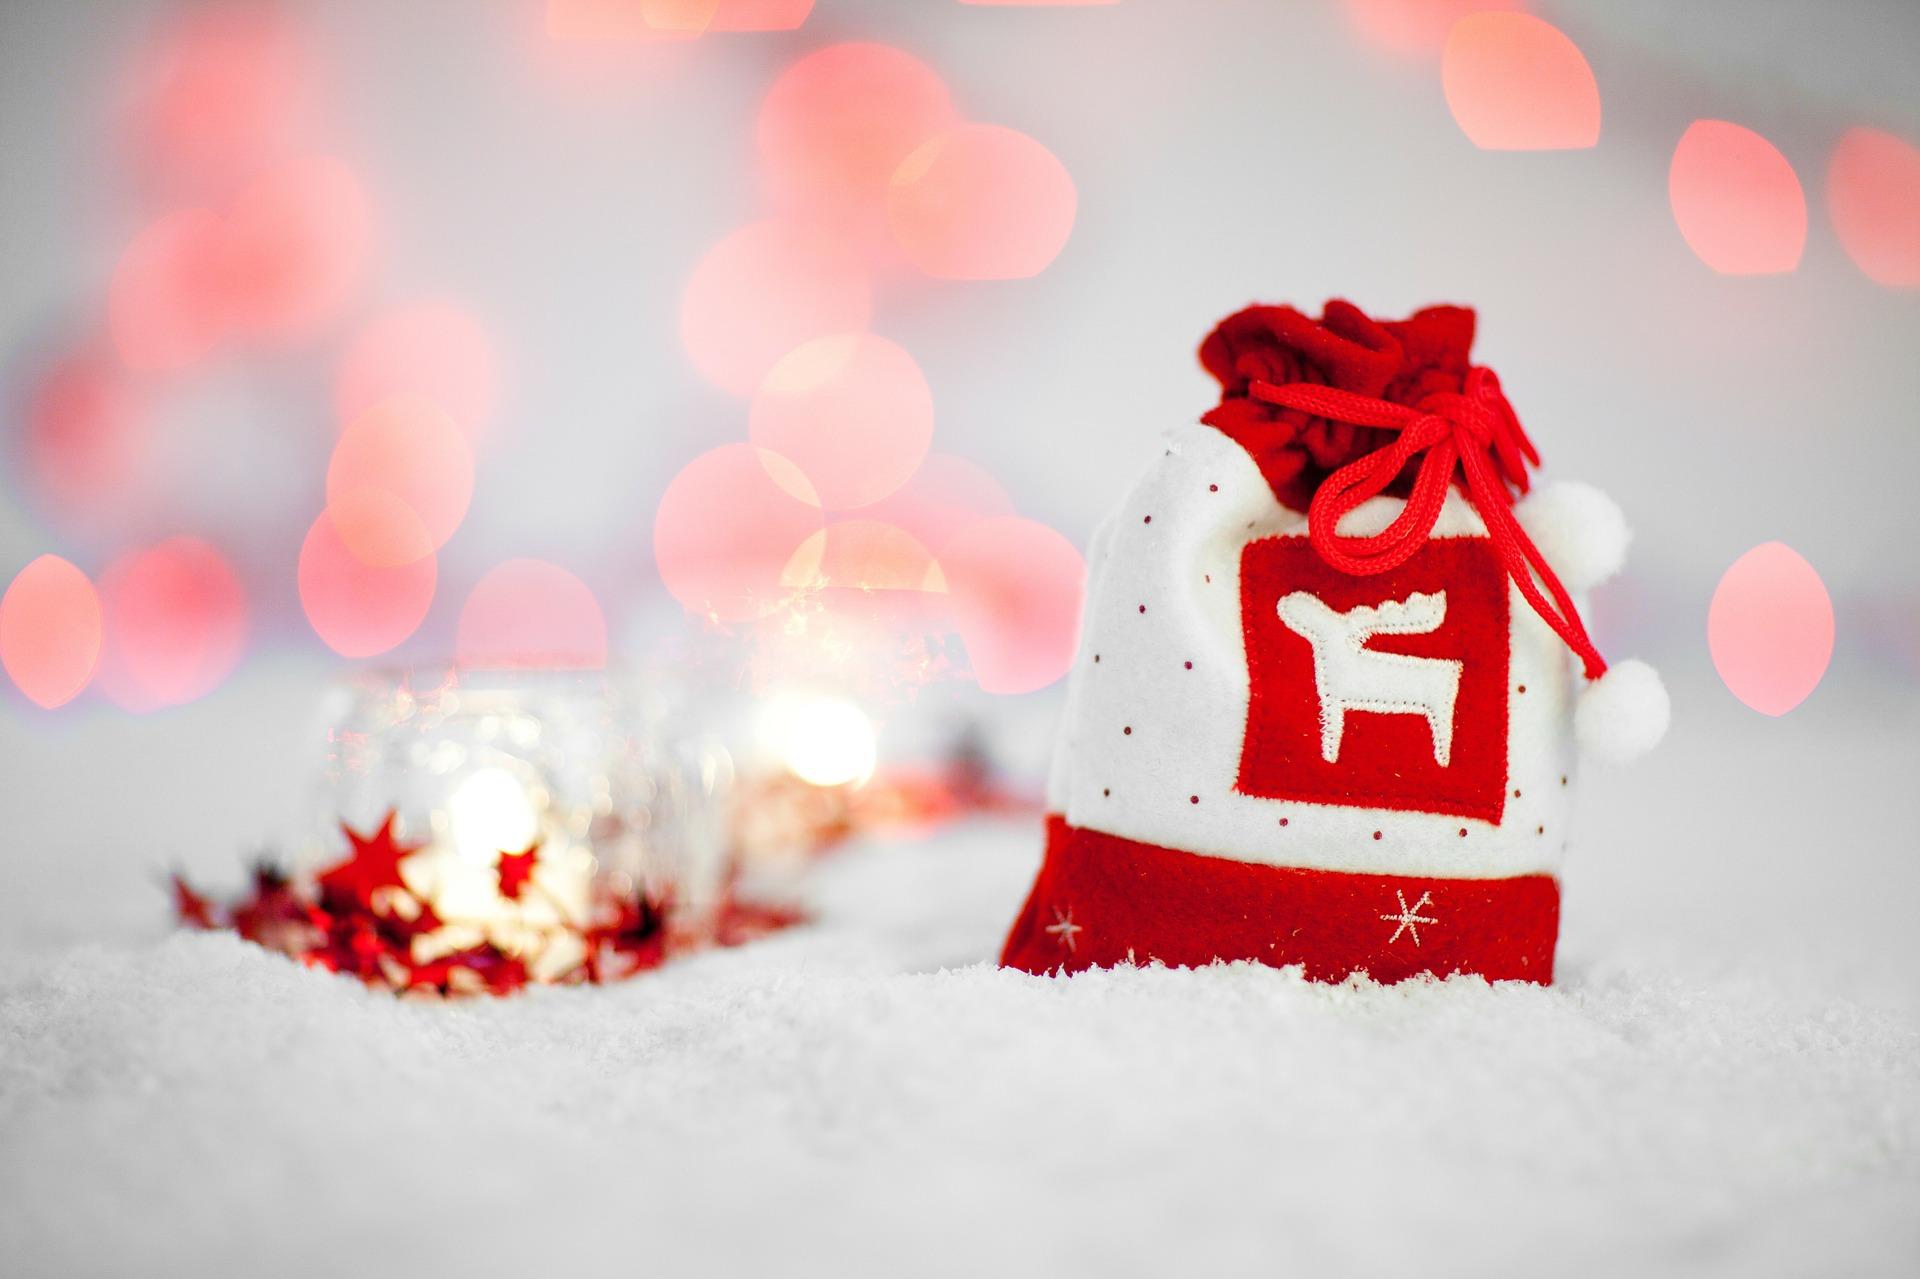 Izlazeći tri mjeseca božićno darivanje